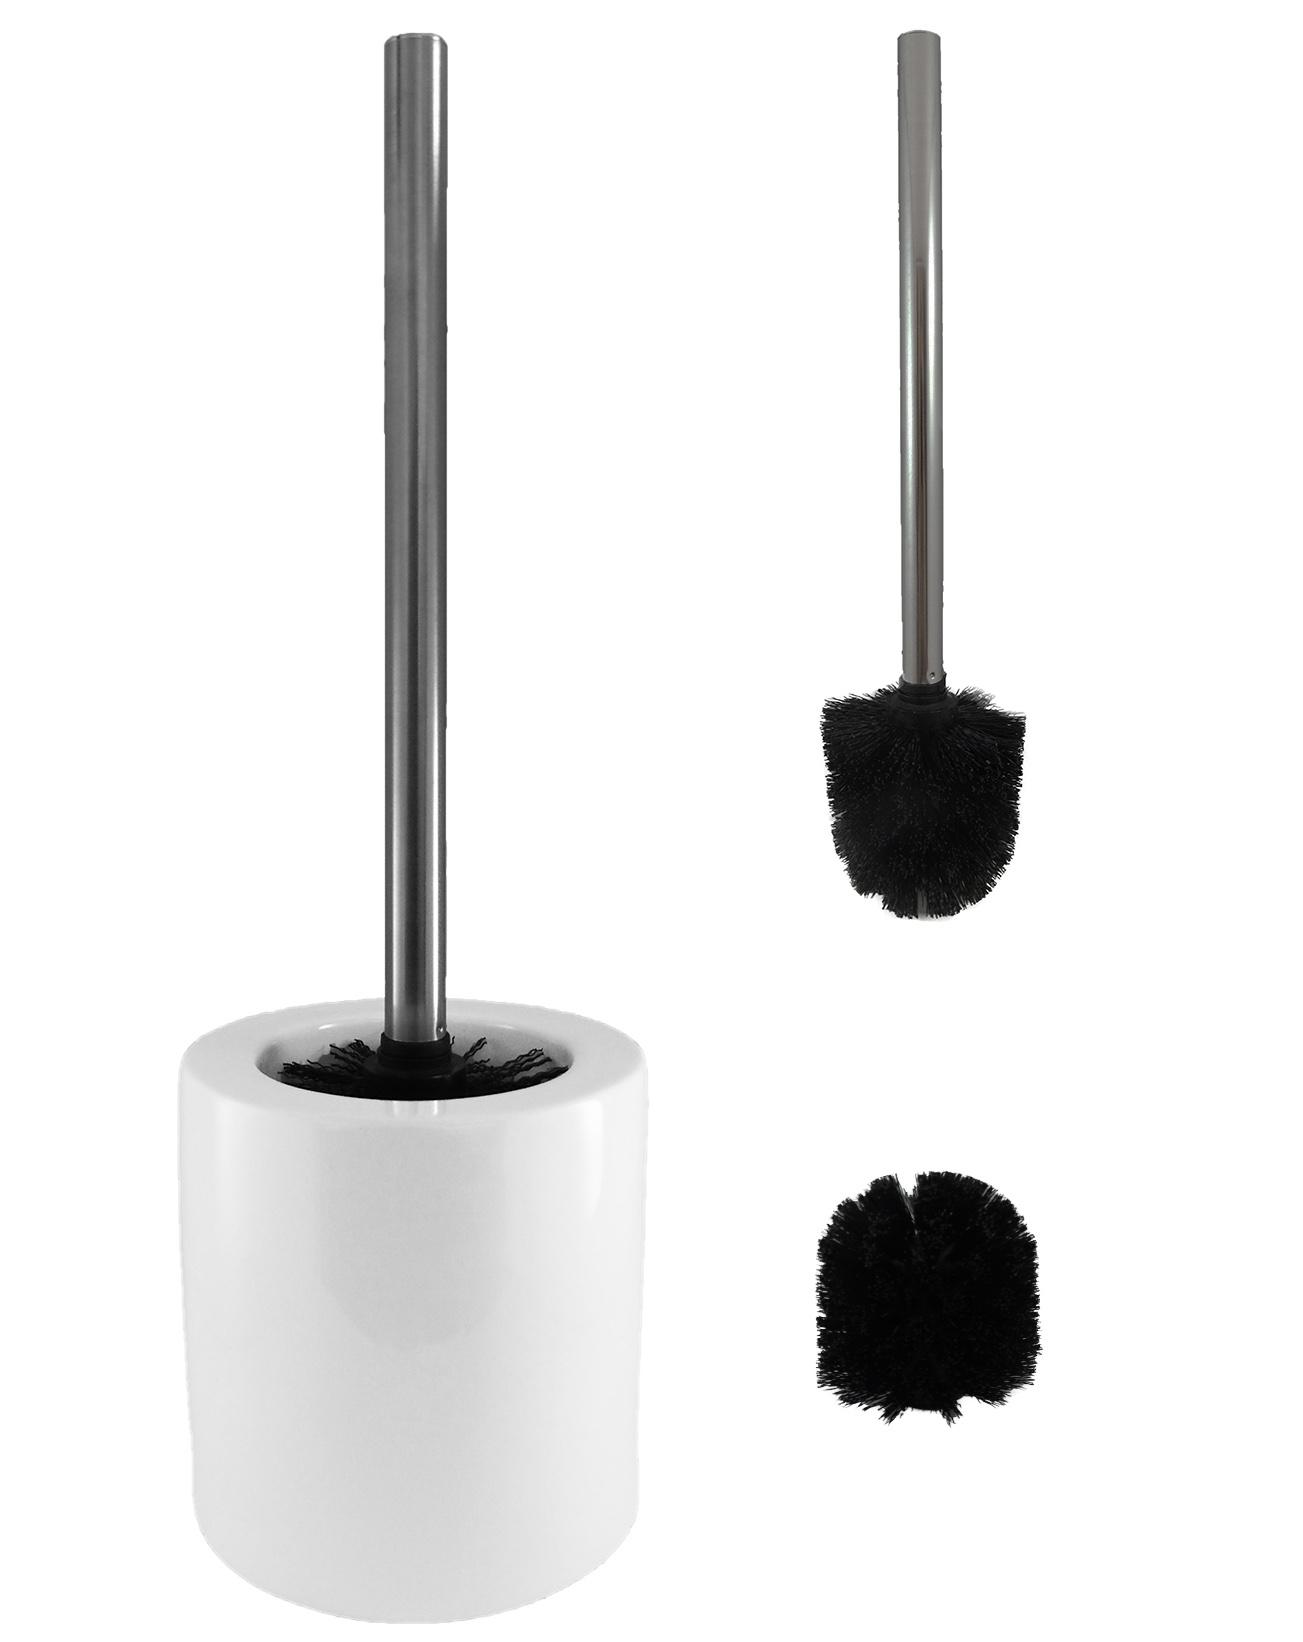 edle wc garnitur set wc b rste schwarz edelstahl ersatzkopf klob rste b rste neu ebay. Black Bedroom Furniture Sets. Home Design Ideas